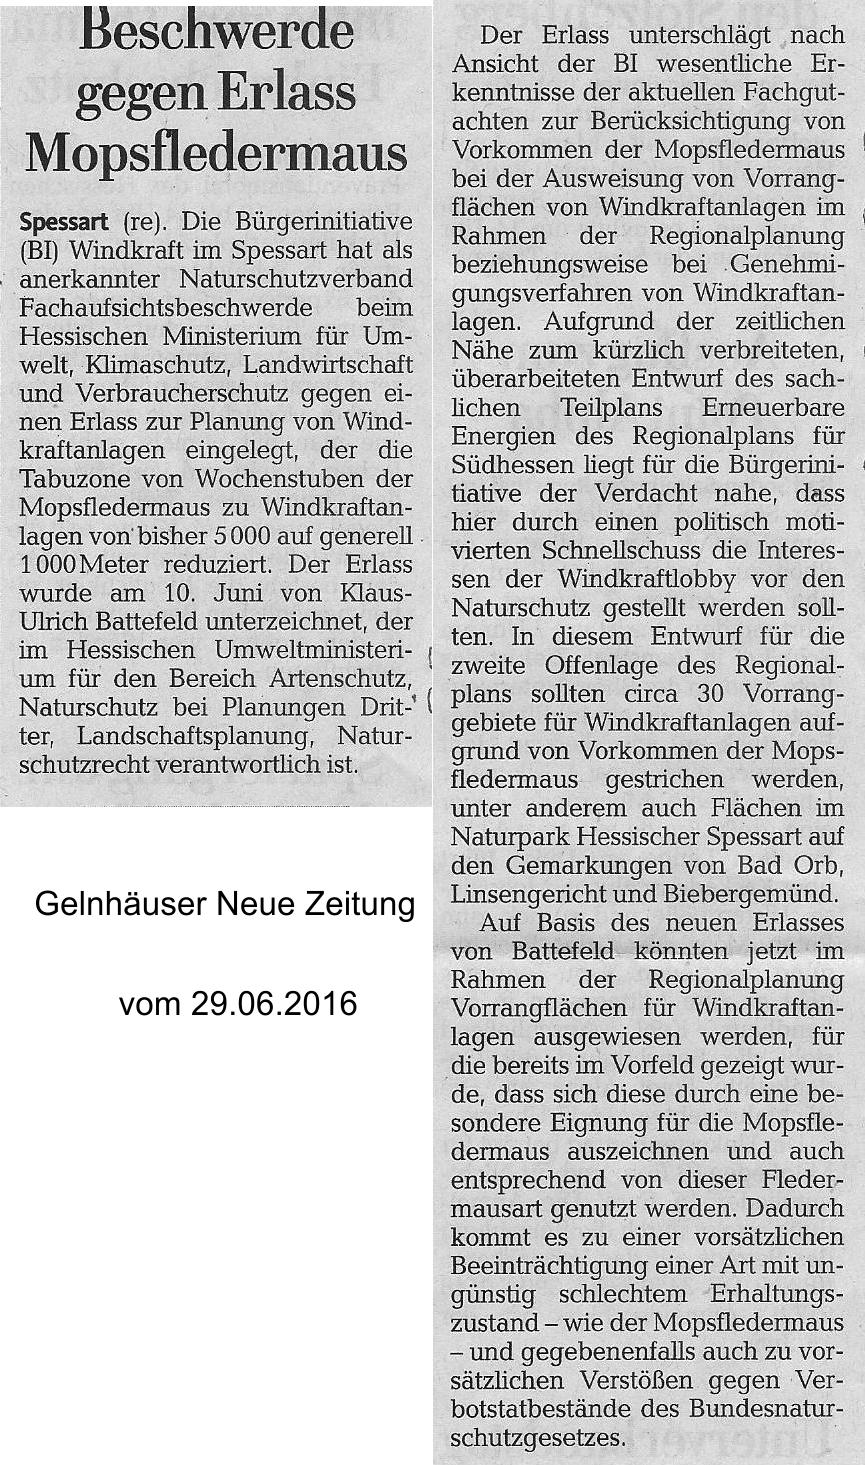 20160629_GNZ_Beschwerde gegen Erlass Mopsfledermaus